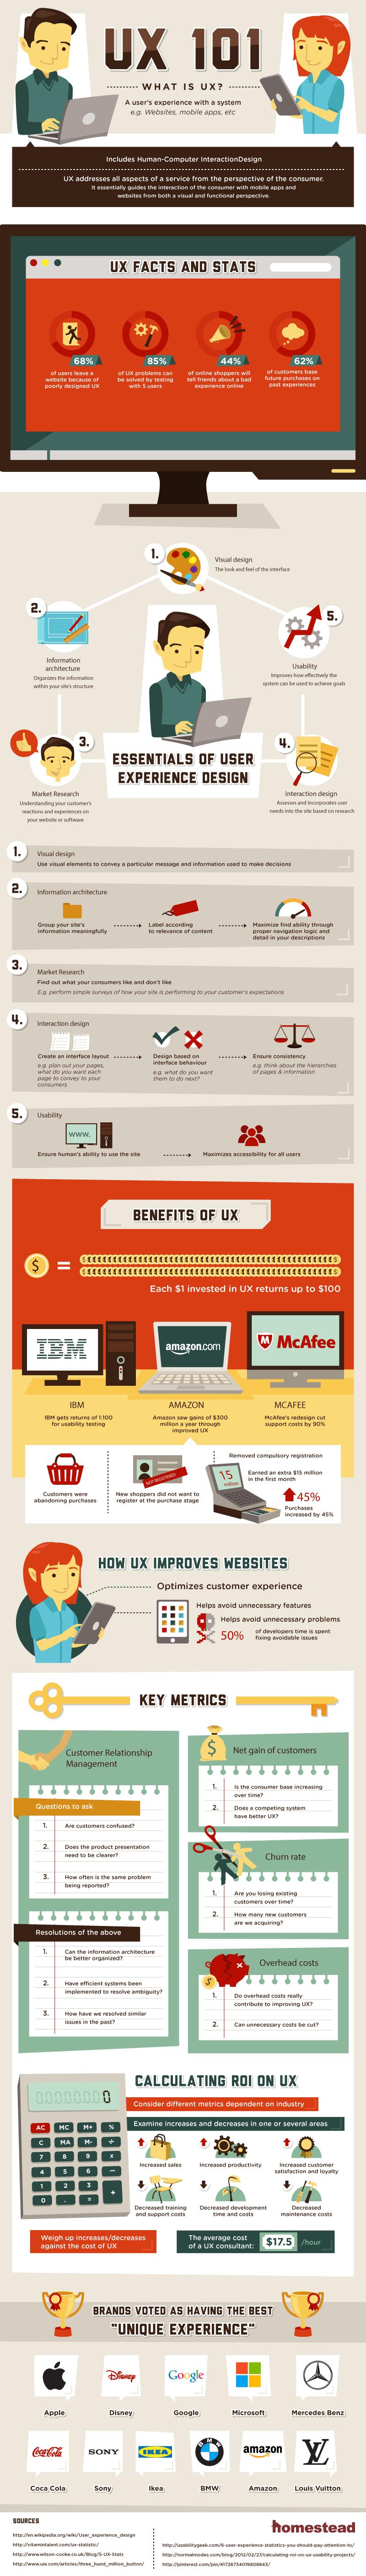 Expérience utilisateur (UX) - Infographie